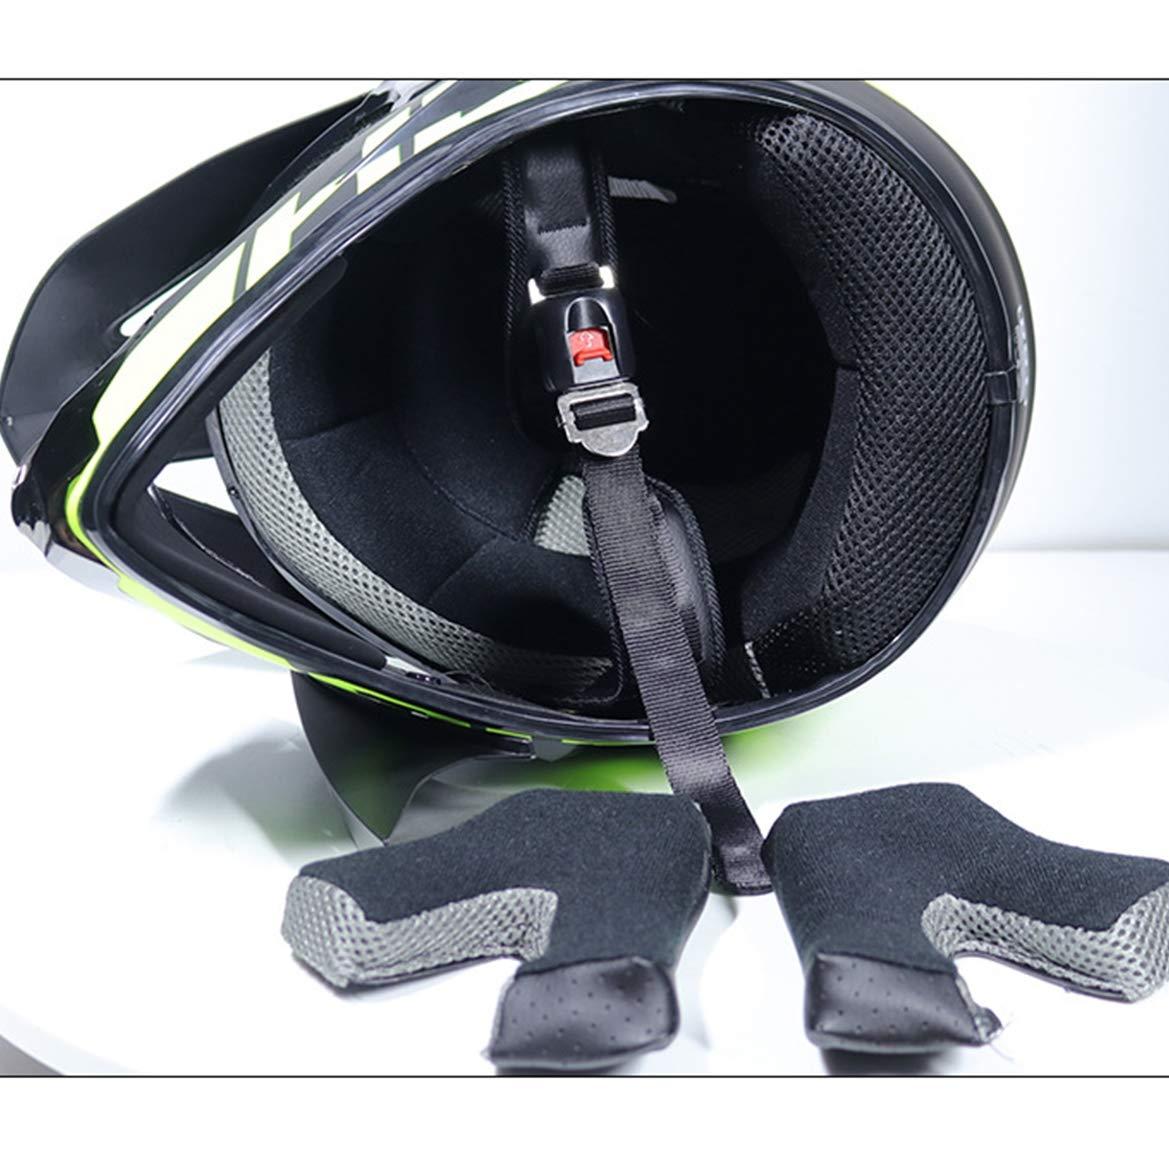 XS, S, M, L, XL Hireomi Casque de Motocross Kit Professionnel Casque de Moto Adultes Off-Road Cross Road Race Casque De Route Unisexe Int/éGral Y Compris des Lunettes//des Gants//Masques